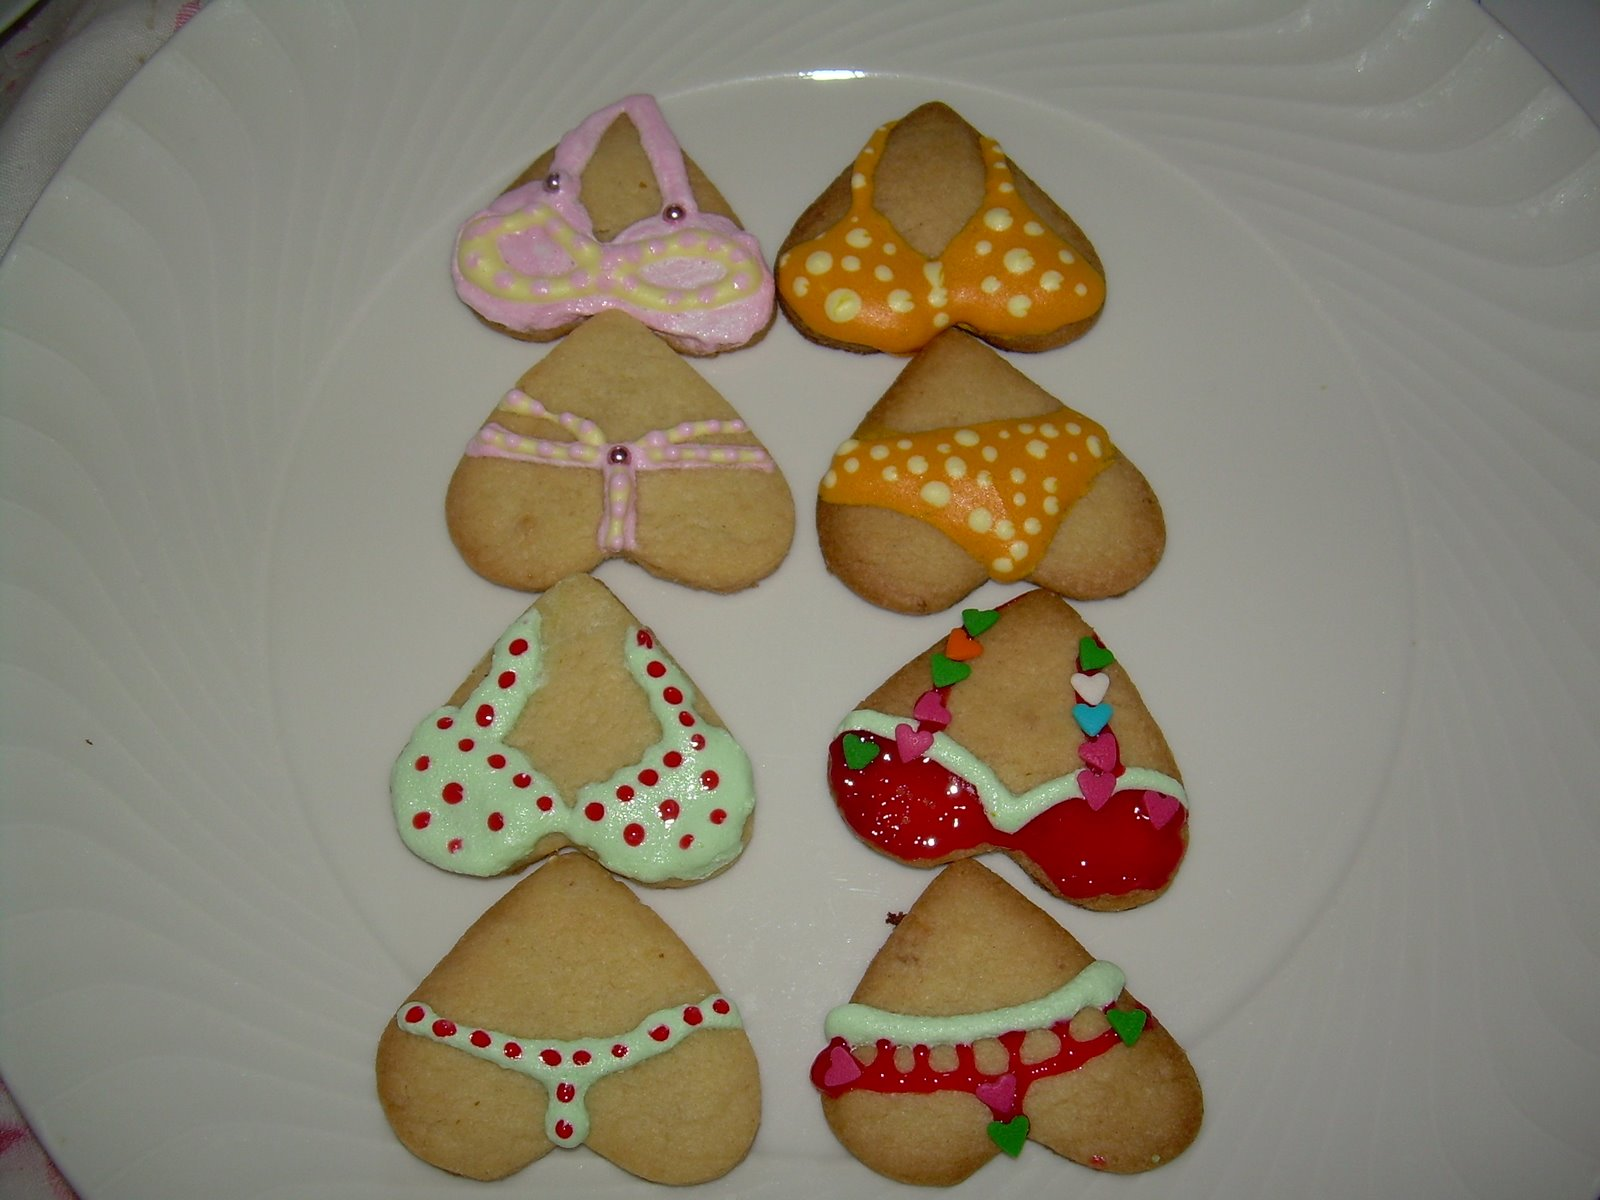 Bodas Recetas de la galleta